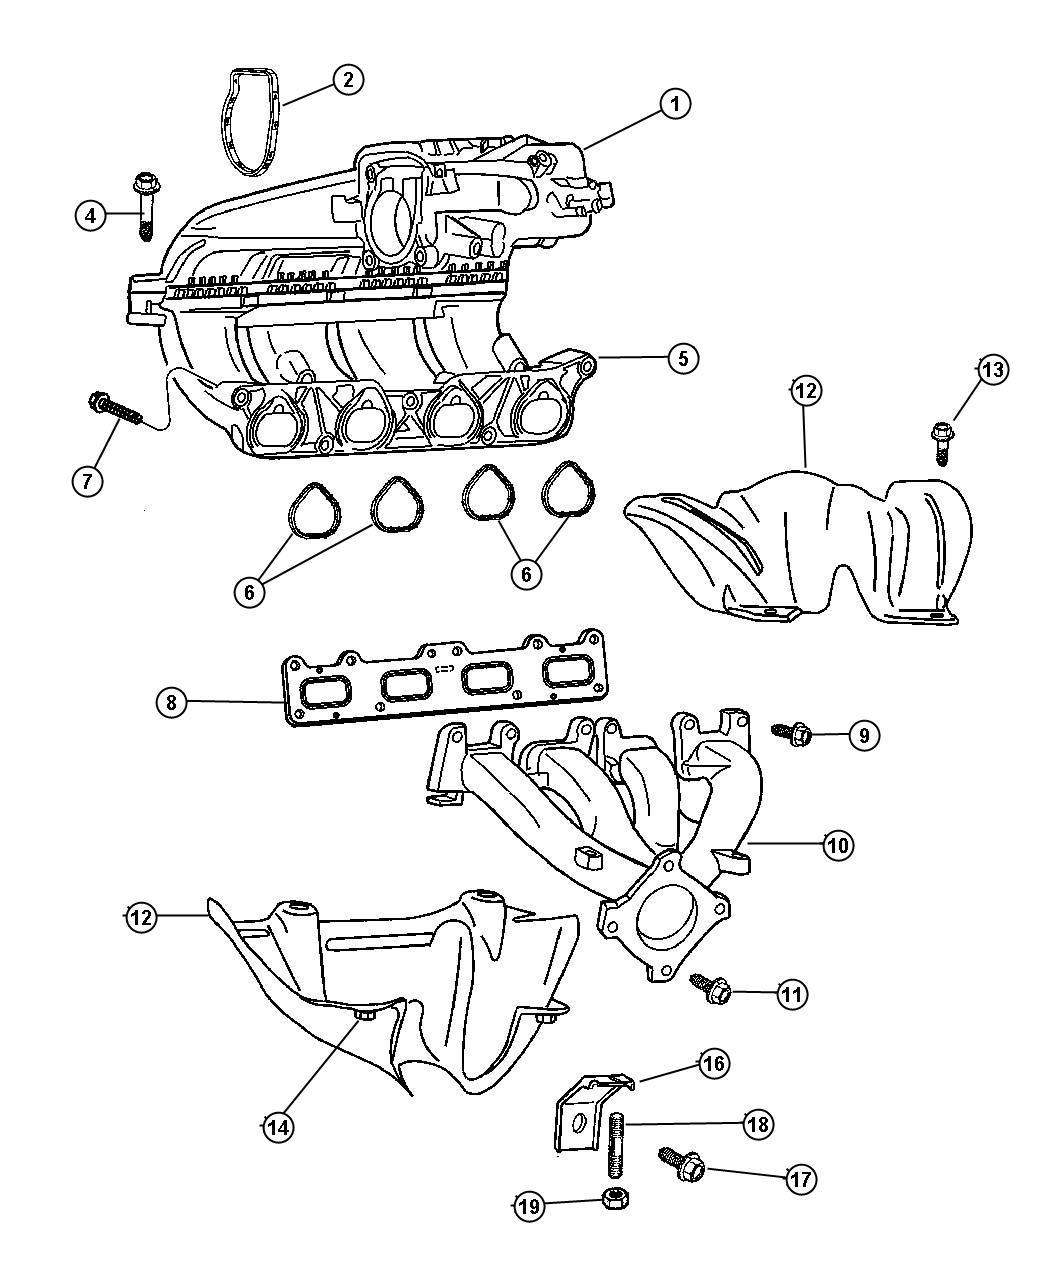 Chrysler Pt Cruiser Manifold Intake